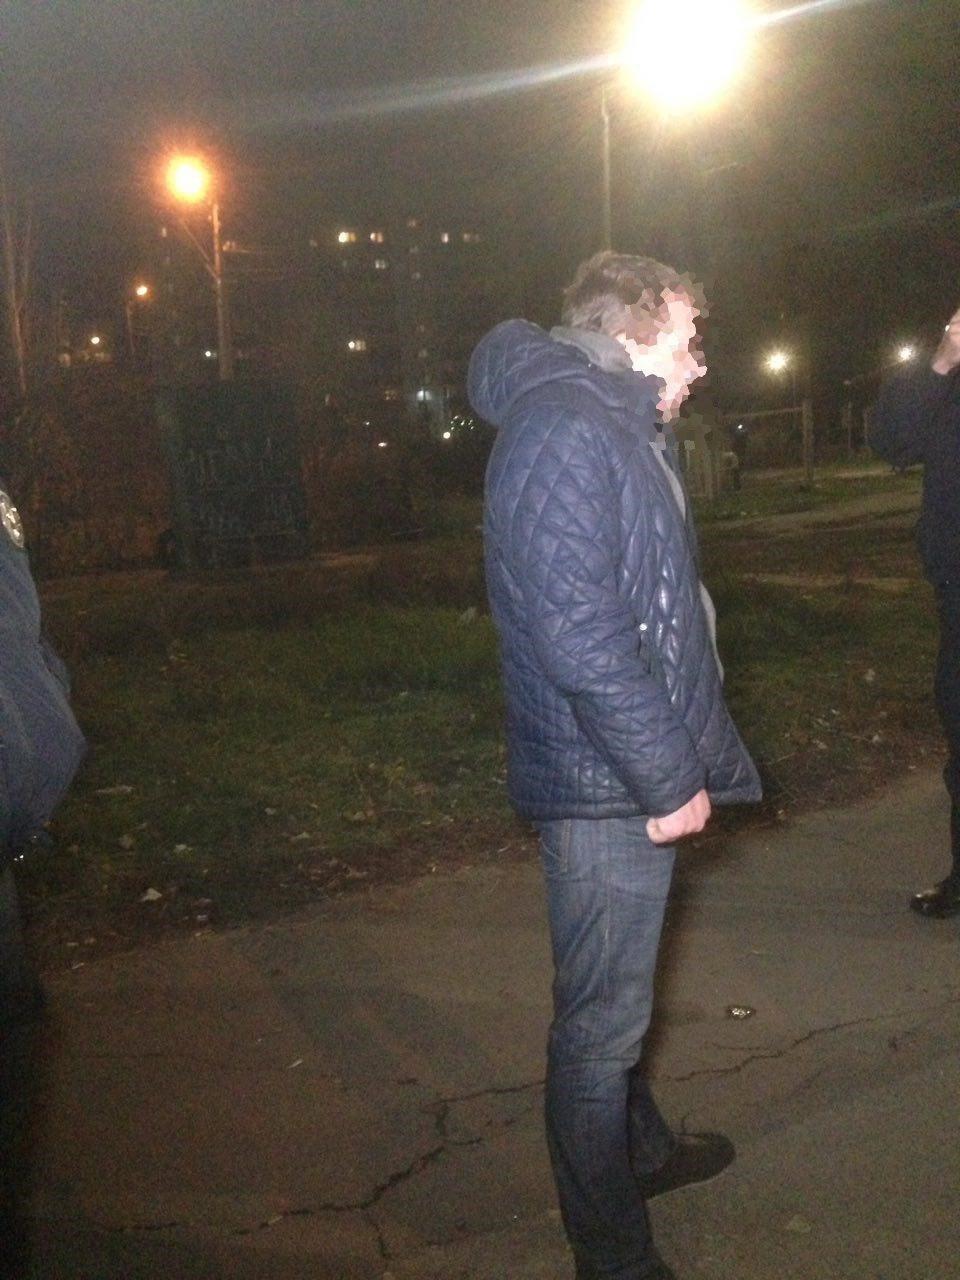 Николаевские патрульные задержали мужчину, искавшего наркотики, - ФОТО, фото-2